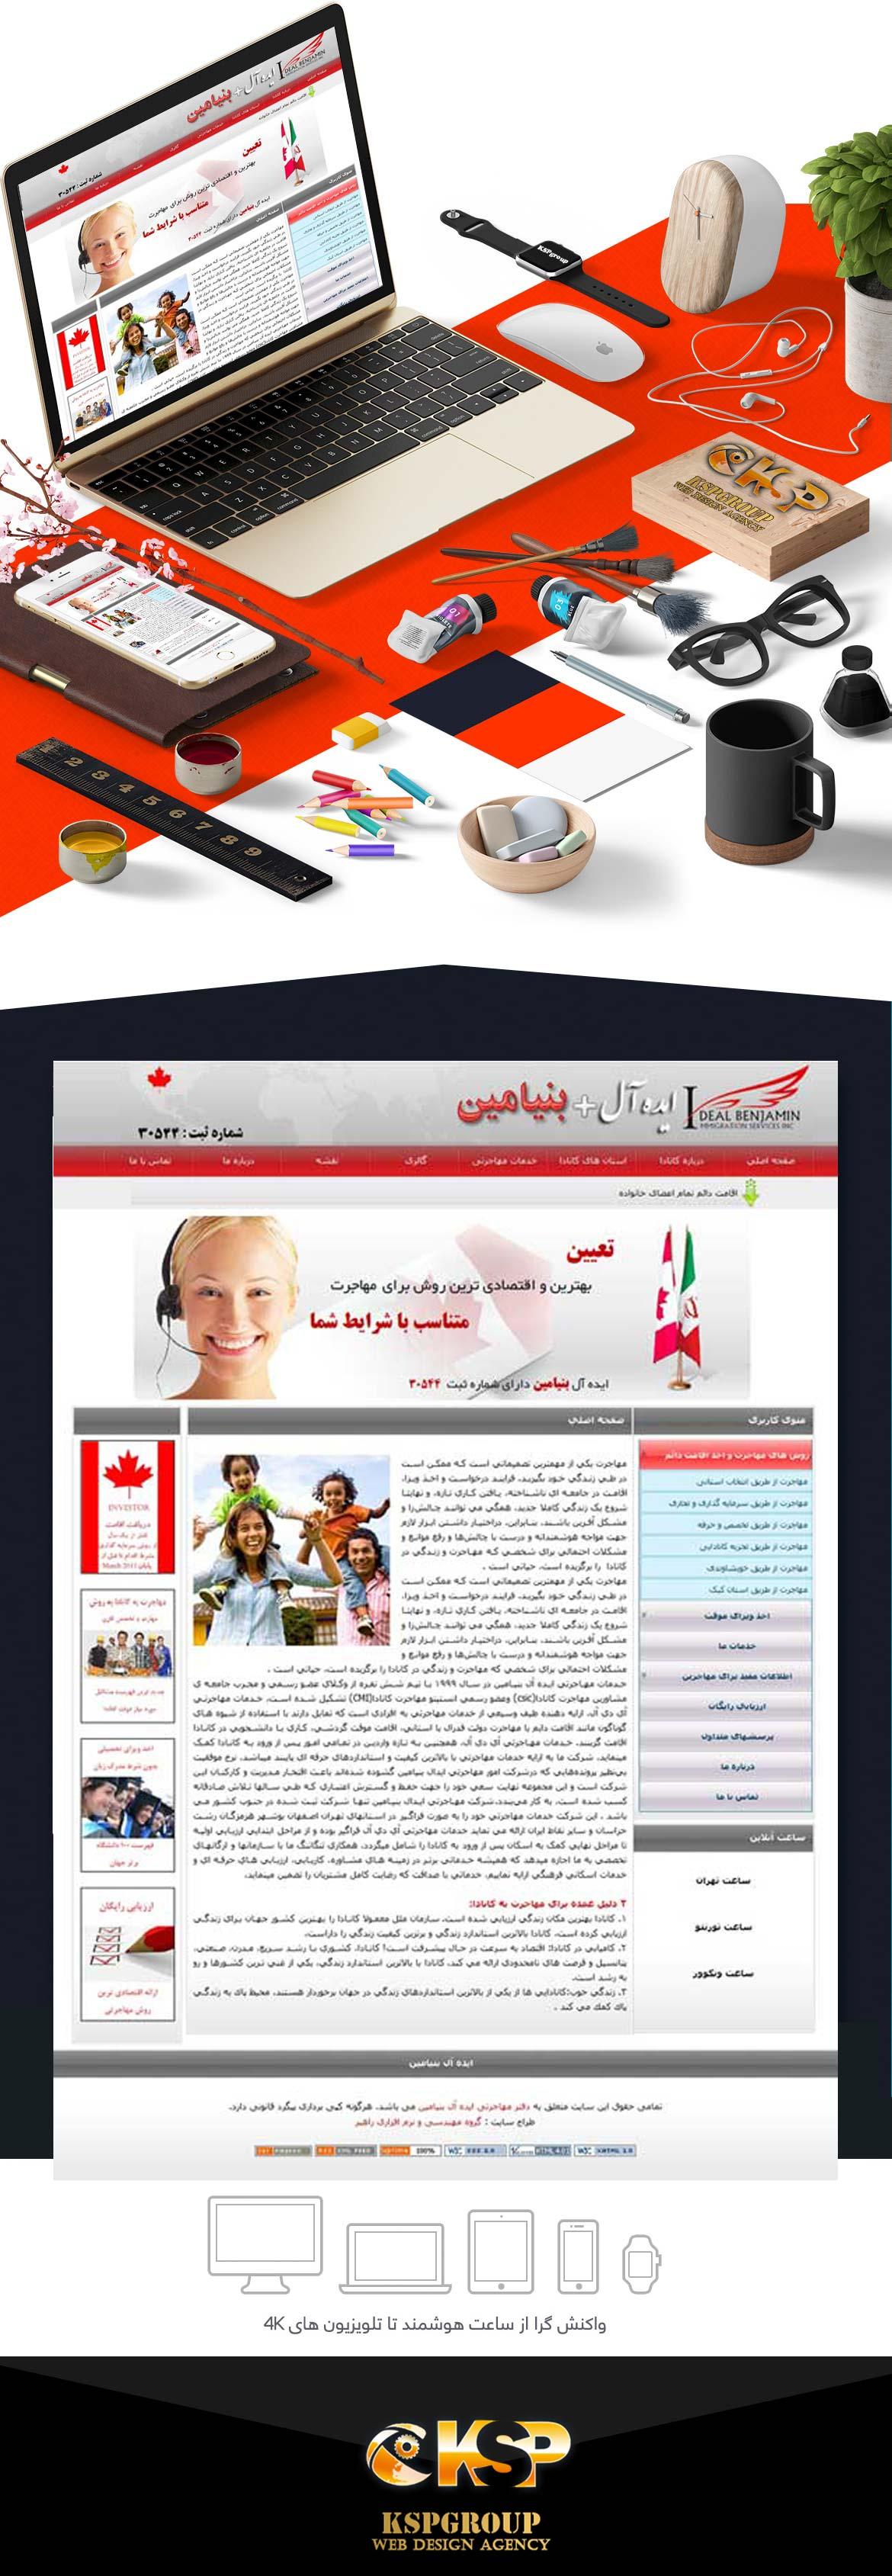 طراحی وب سایت شرکت خدمات مهاجرتی ایده آل بنیامین پارس آرین